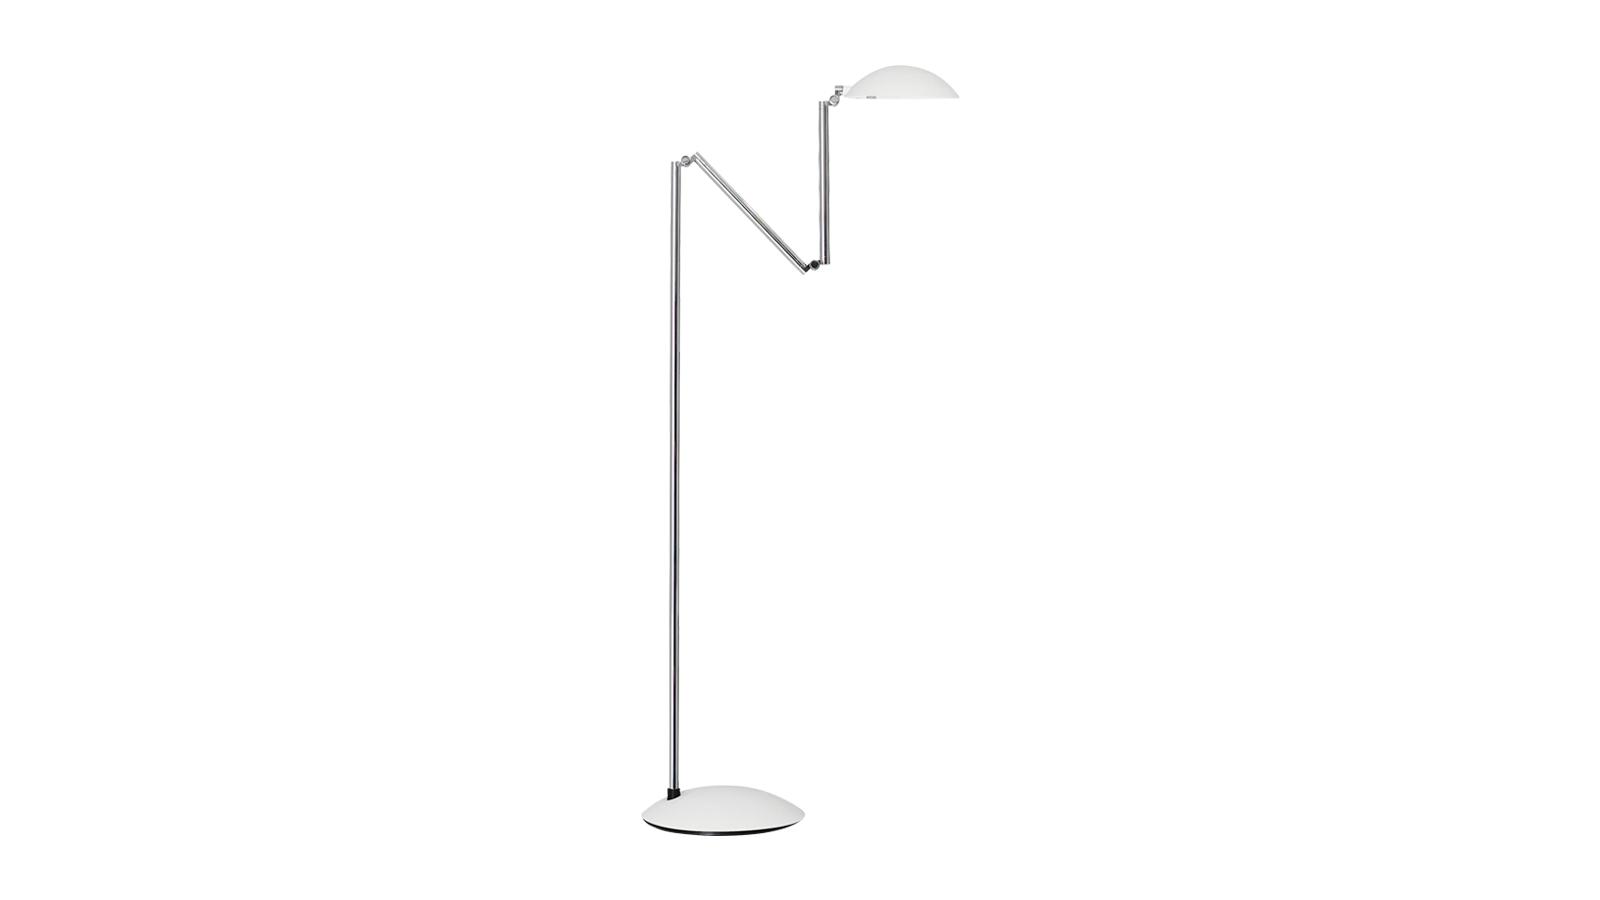 Herbert H. Schultes lámpáinak különlegessége, hogy ugyan három ponton is mozgathatóak a vázak, a vezetékek mégis mindvégig rejtve maradnak. A több csukló miatt szinte bármilyen szögben beállítható a búra. Matt fekete, fehér és fényes króm színben is elérhető az Orbis lámpacsalád álló- és asztali változata is.